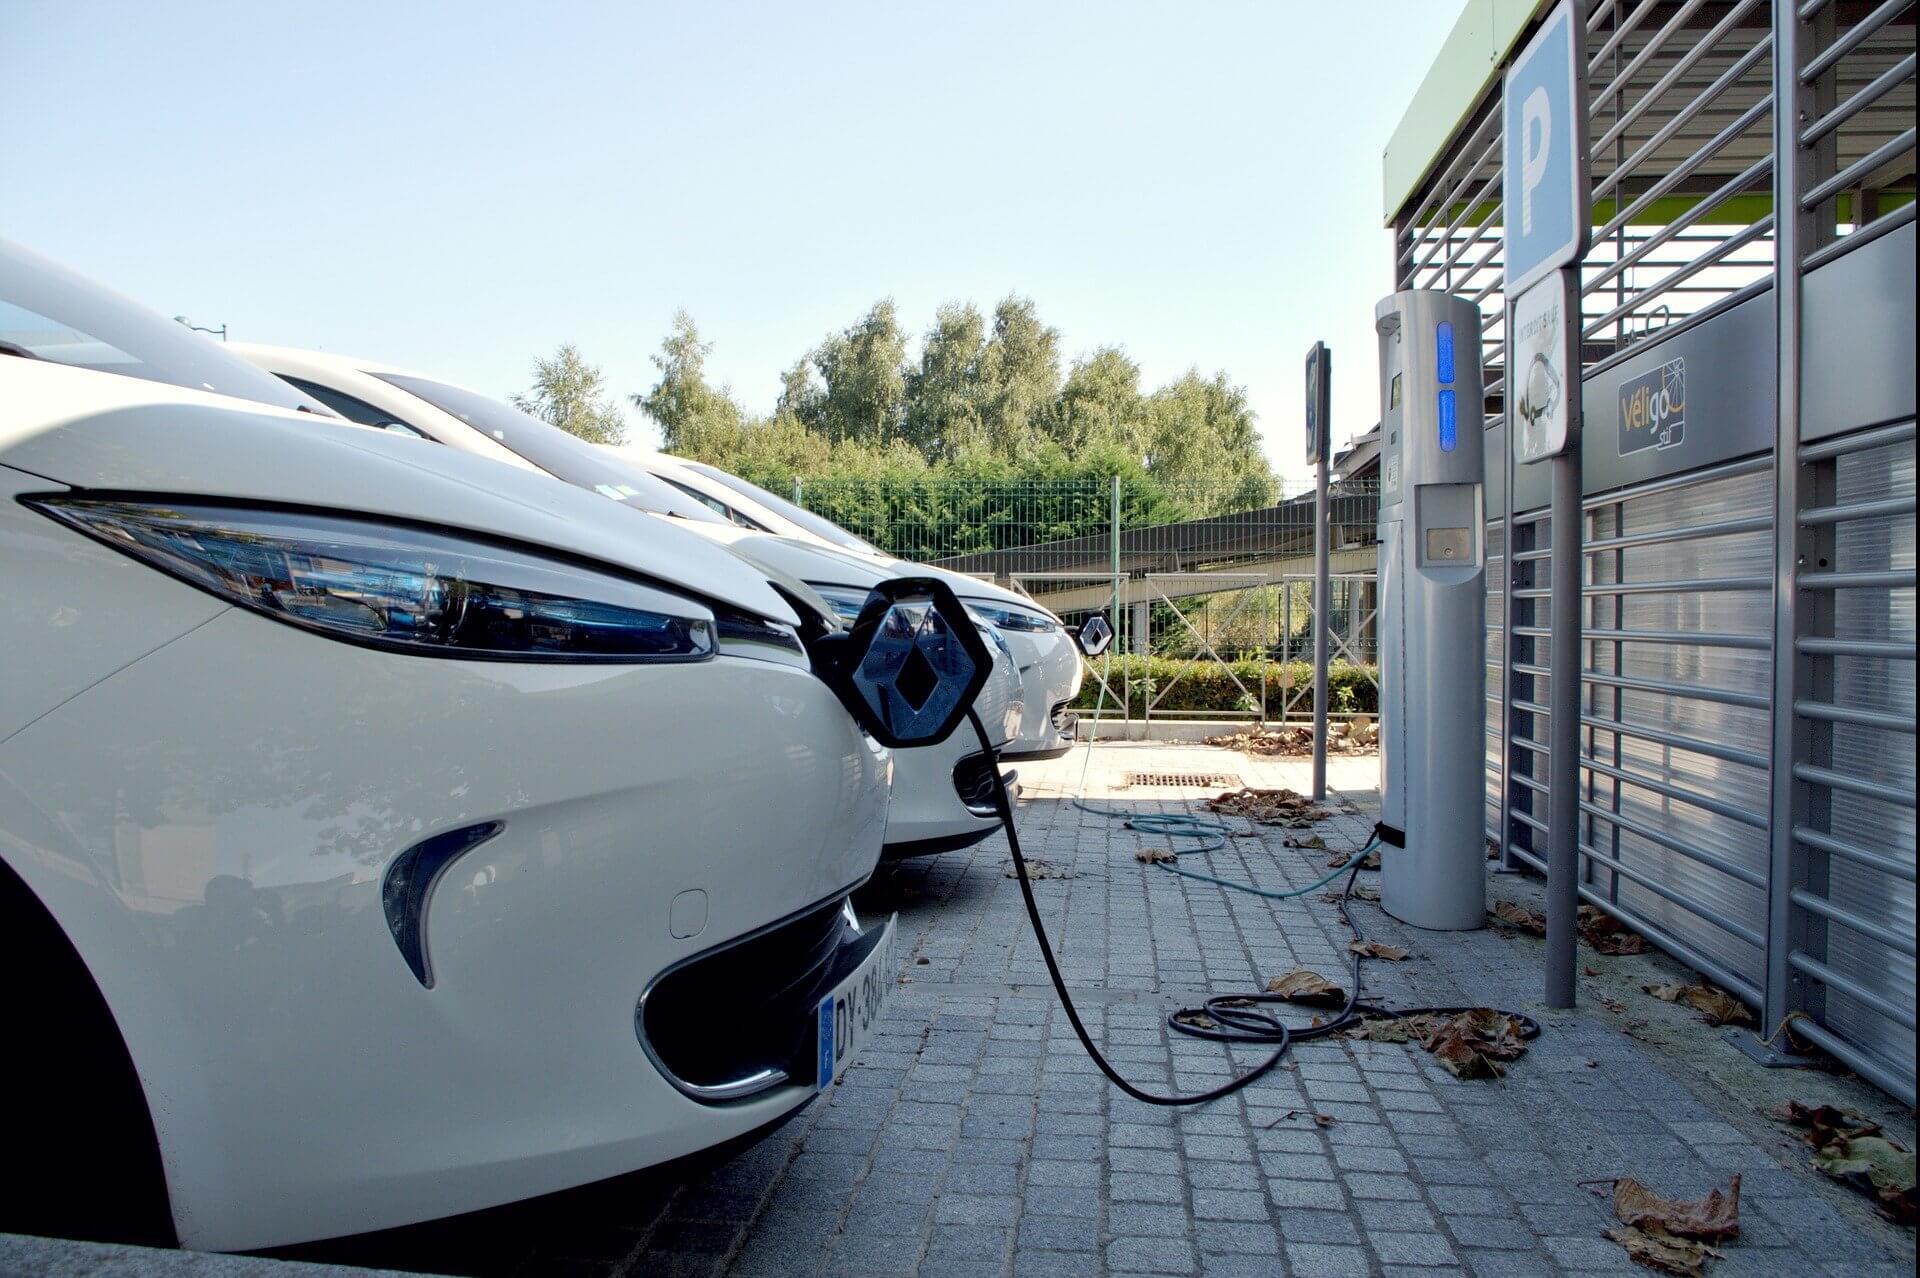 Elektrisch oplaadpaal parkeerplaats Frankrijk